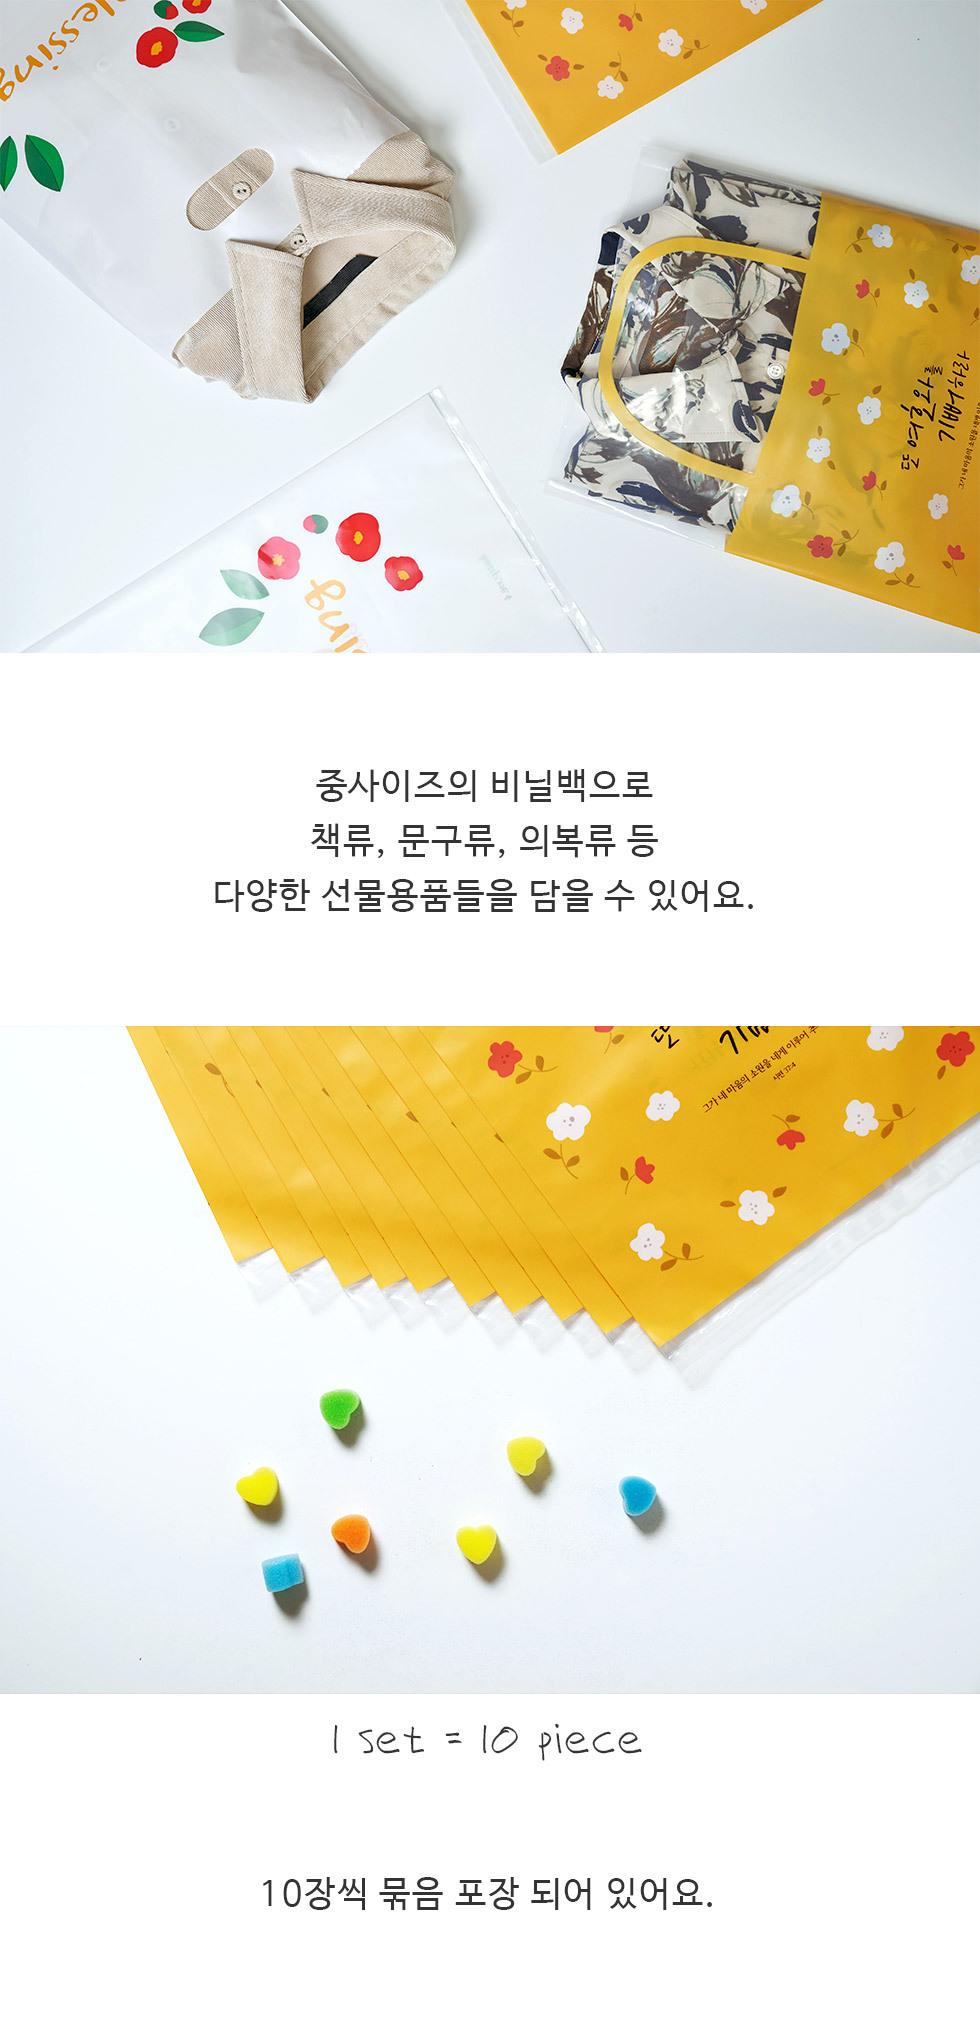 크리스챤 비닐백 비닐쇼핑백 중 2종 - 디테일3 1세트 10장